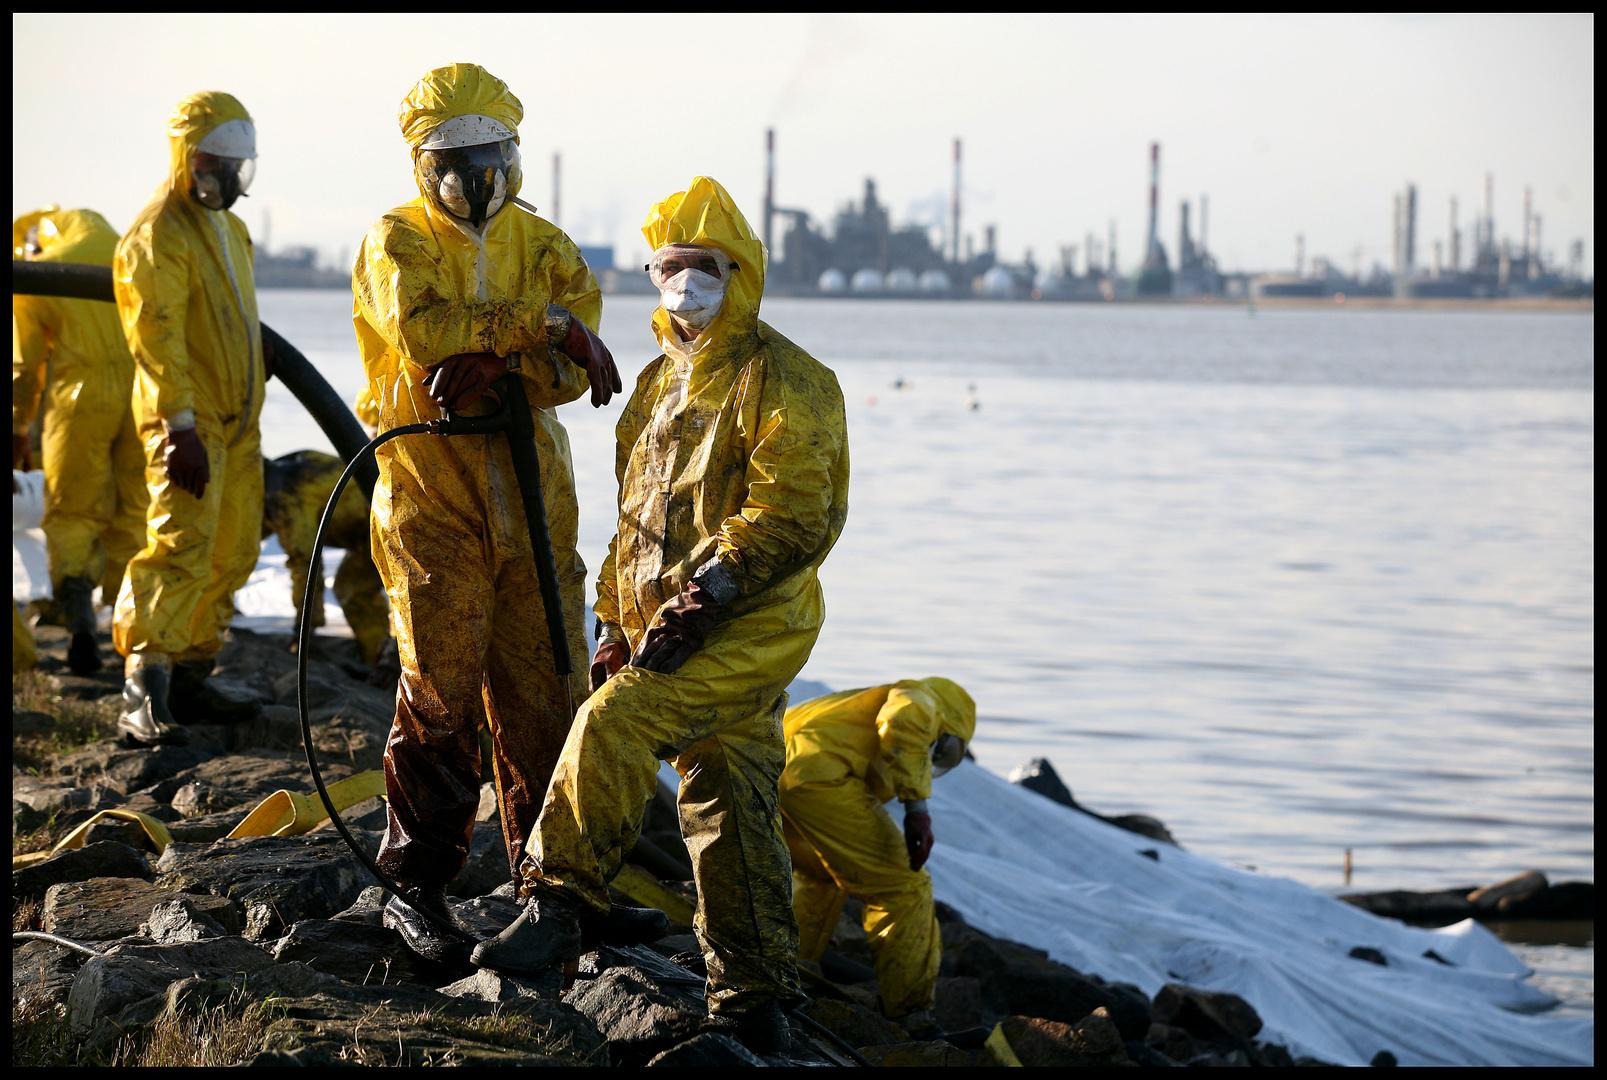 Marée noire: Dépollution des berges de la Loire